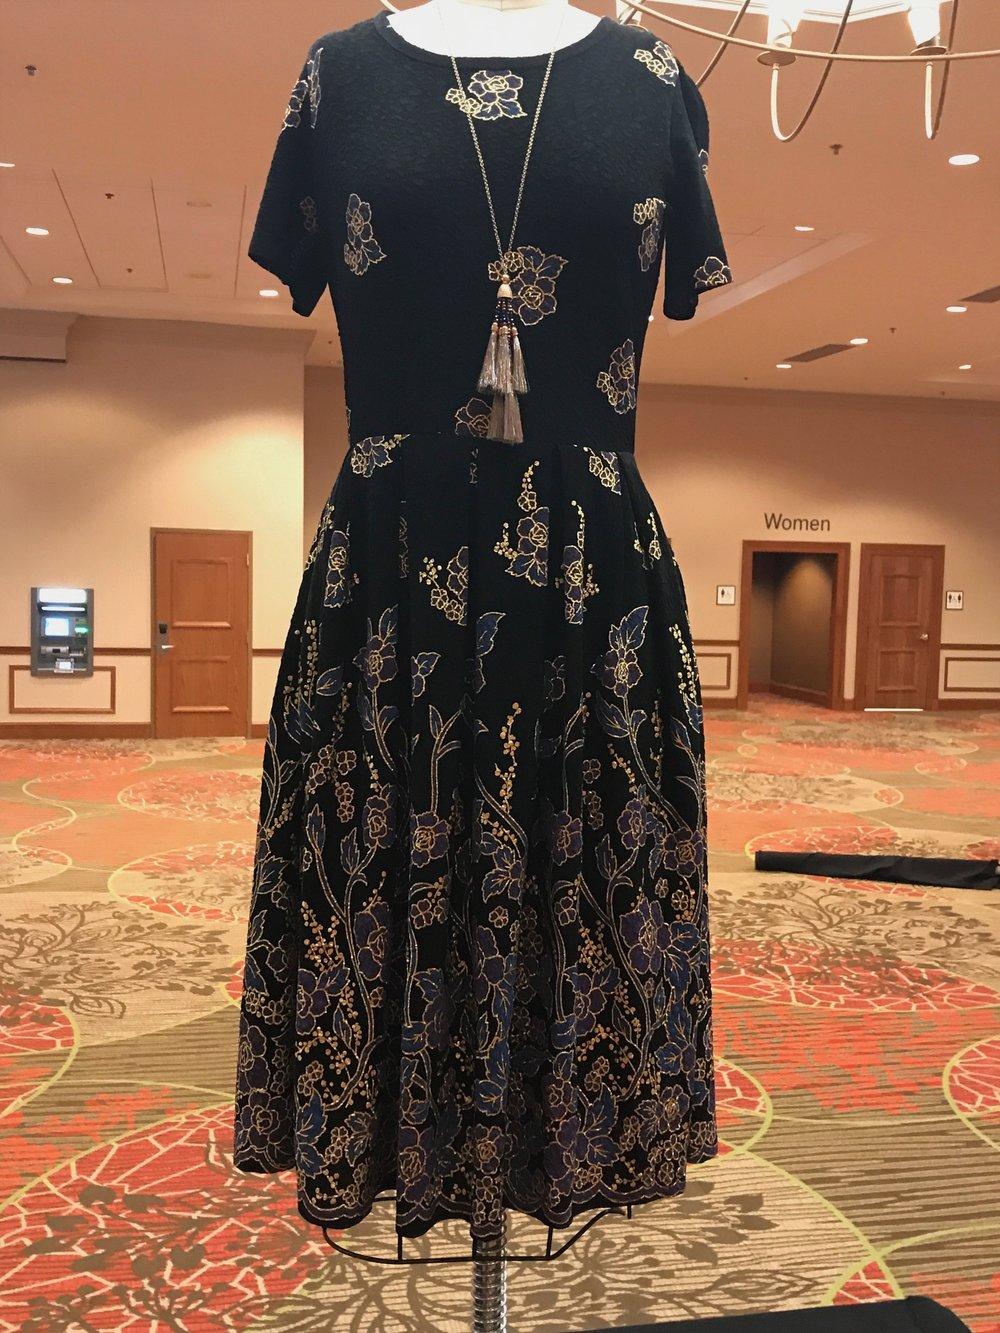 2017 LuLaRoe Elegant Collection 7